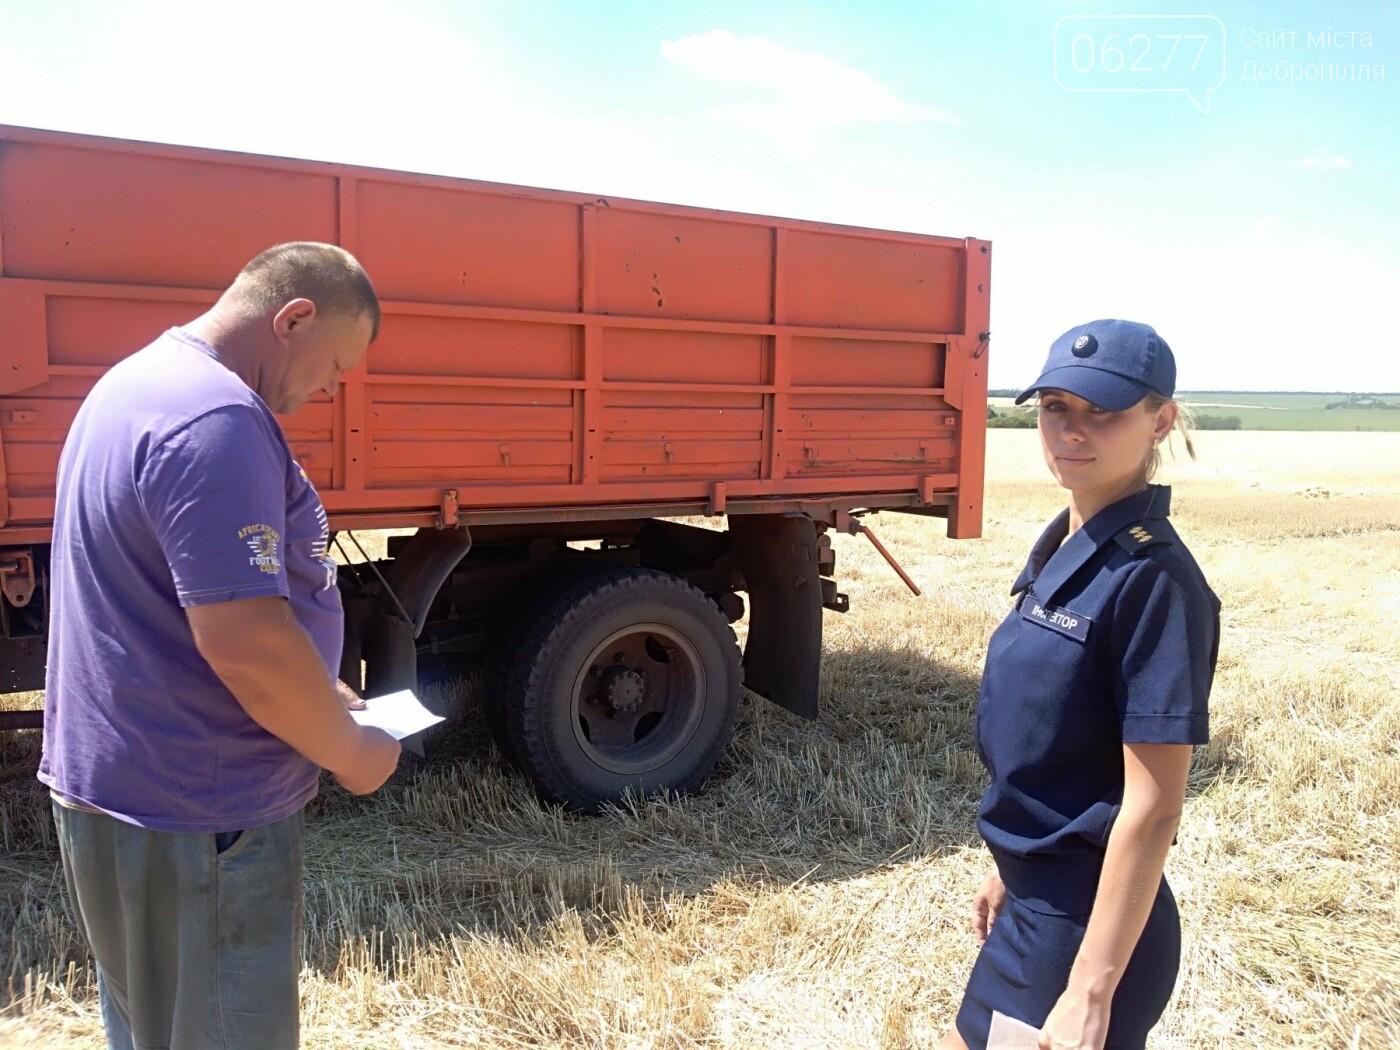 Рятувальники Добропілля проводять профілактичні заходи у місцях збору врожаю, фото-2